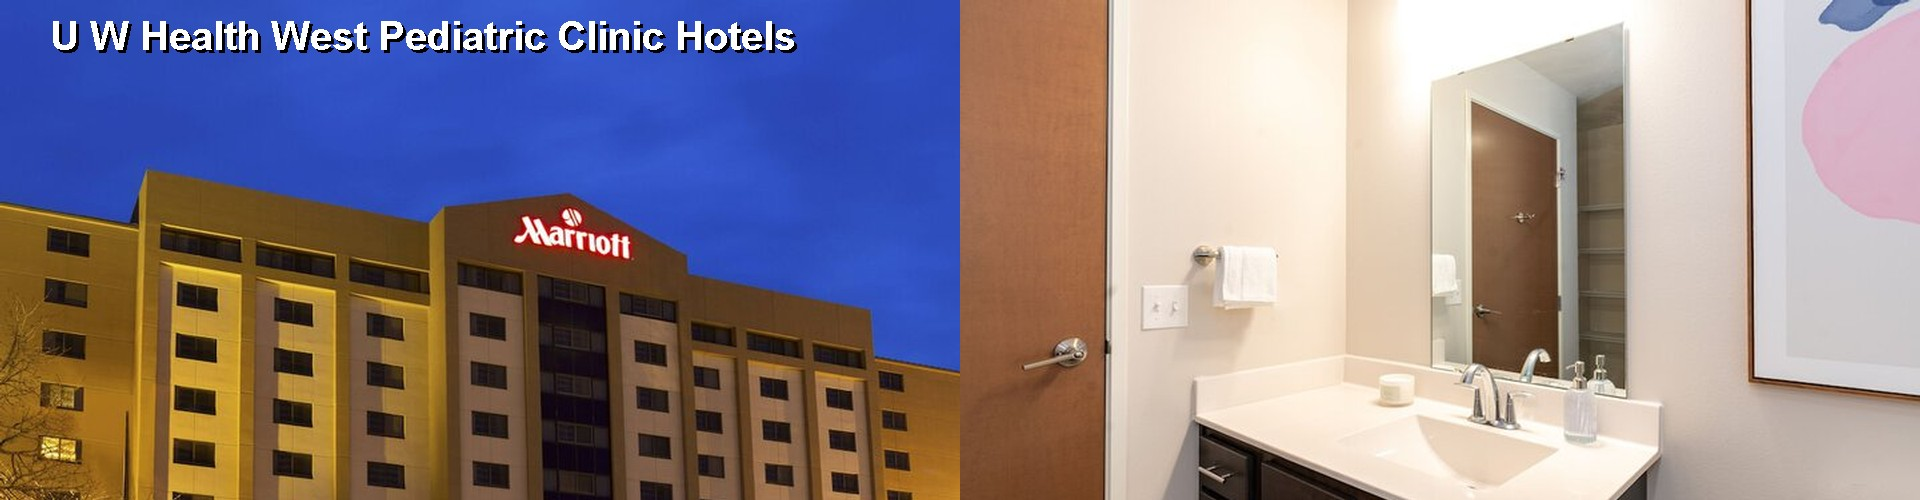 Cheap Hotels Near Madison Wi